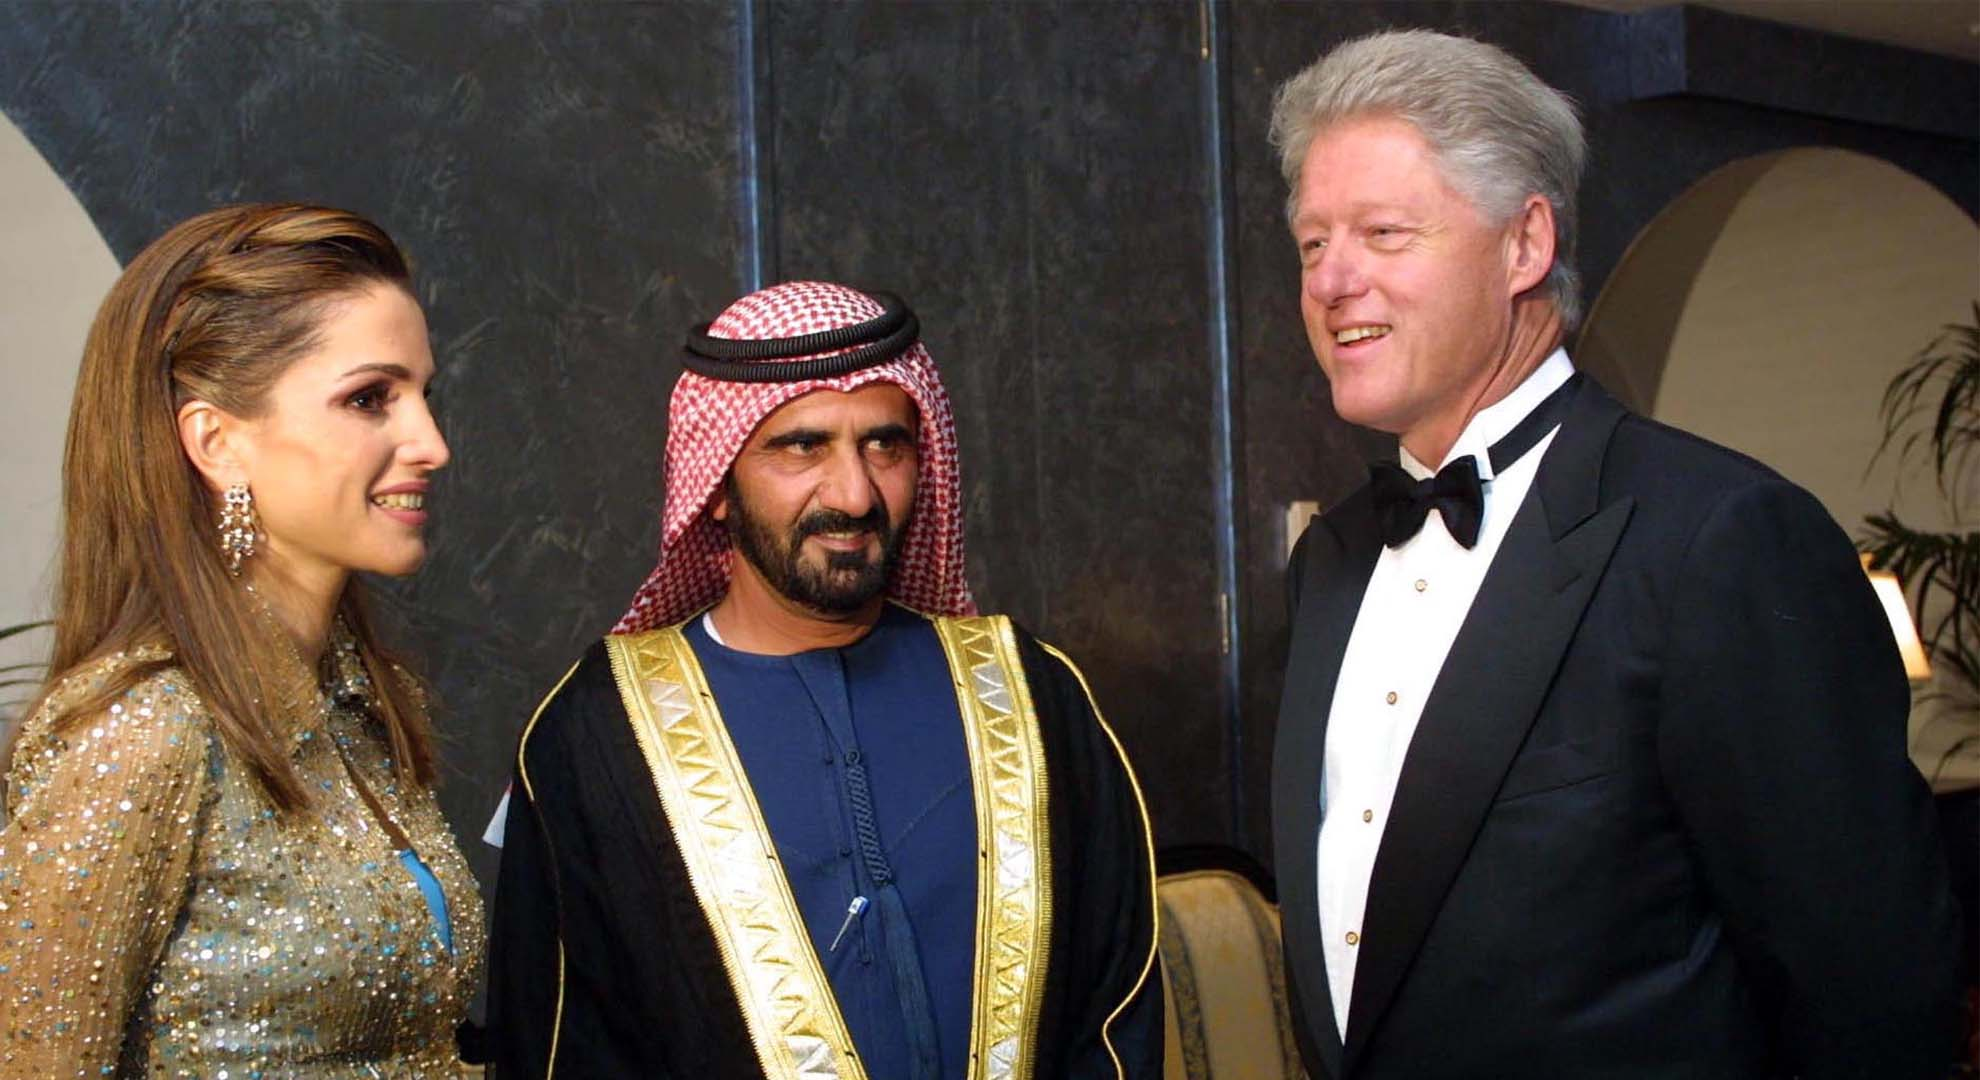 الملكة رانيا مع حاكم دبى محمد بن راشد آل مكتوم والرئيس الأمريكي السابق بيل كلينتون في حفل عشاء في دبي  2002